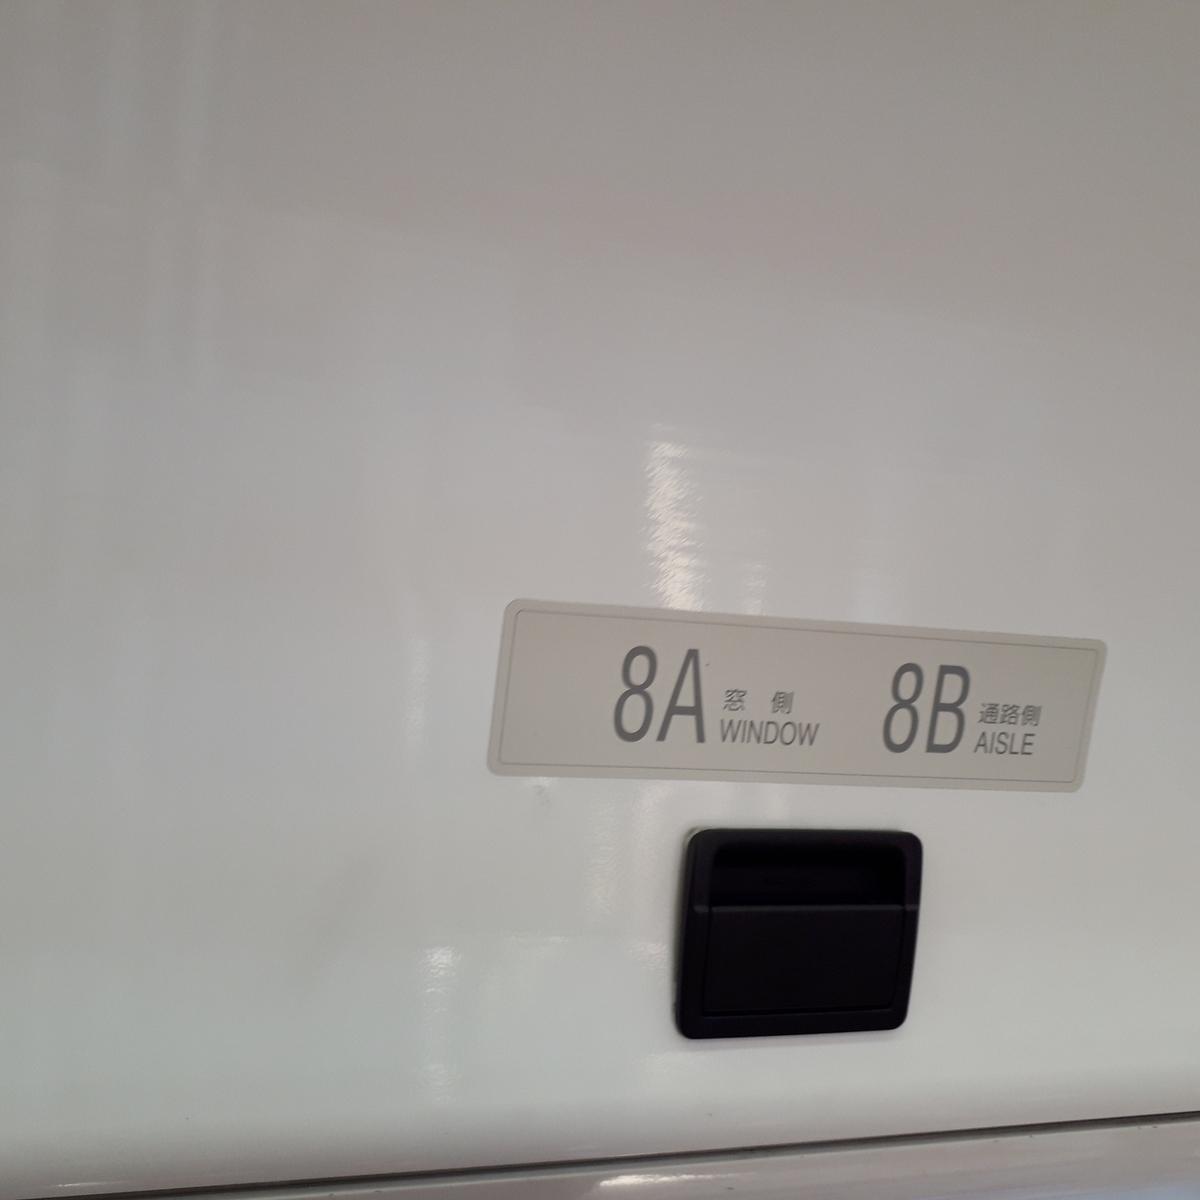 特急ソニック 883系 普通車